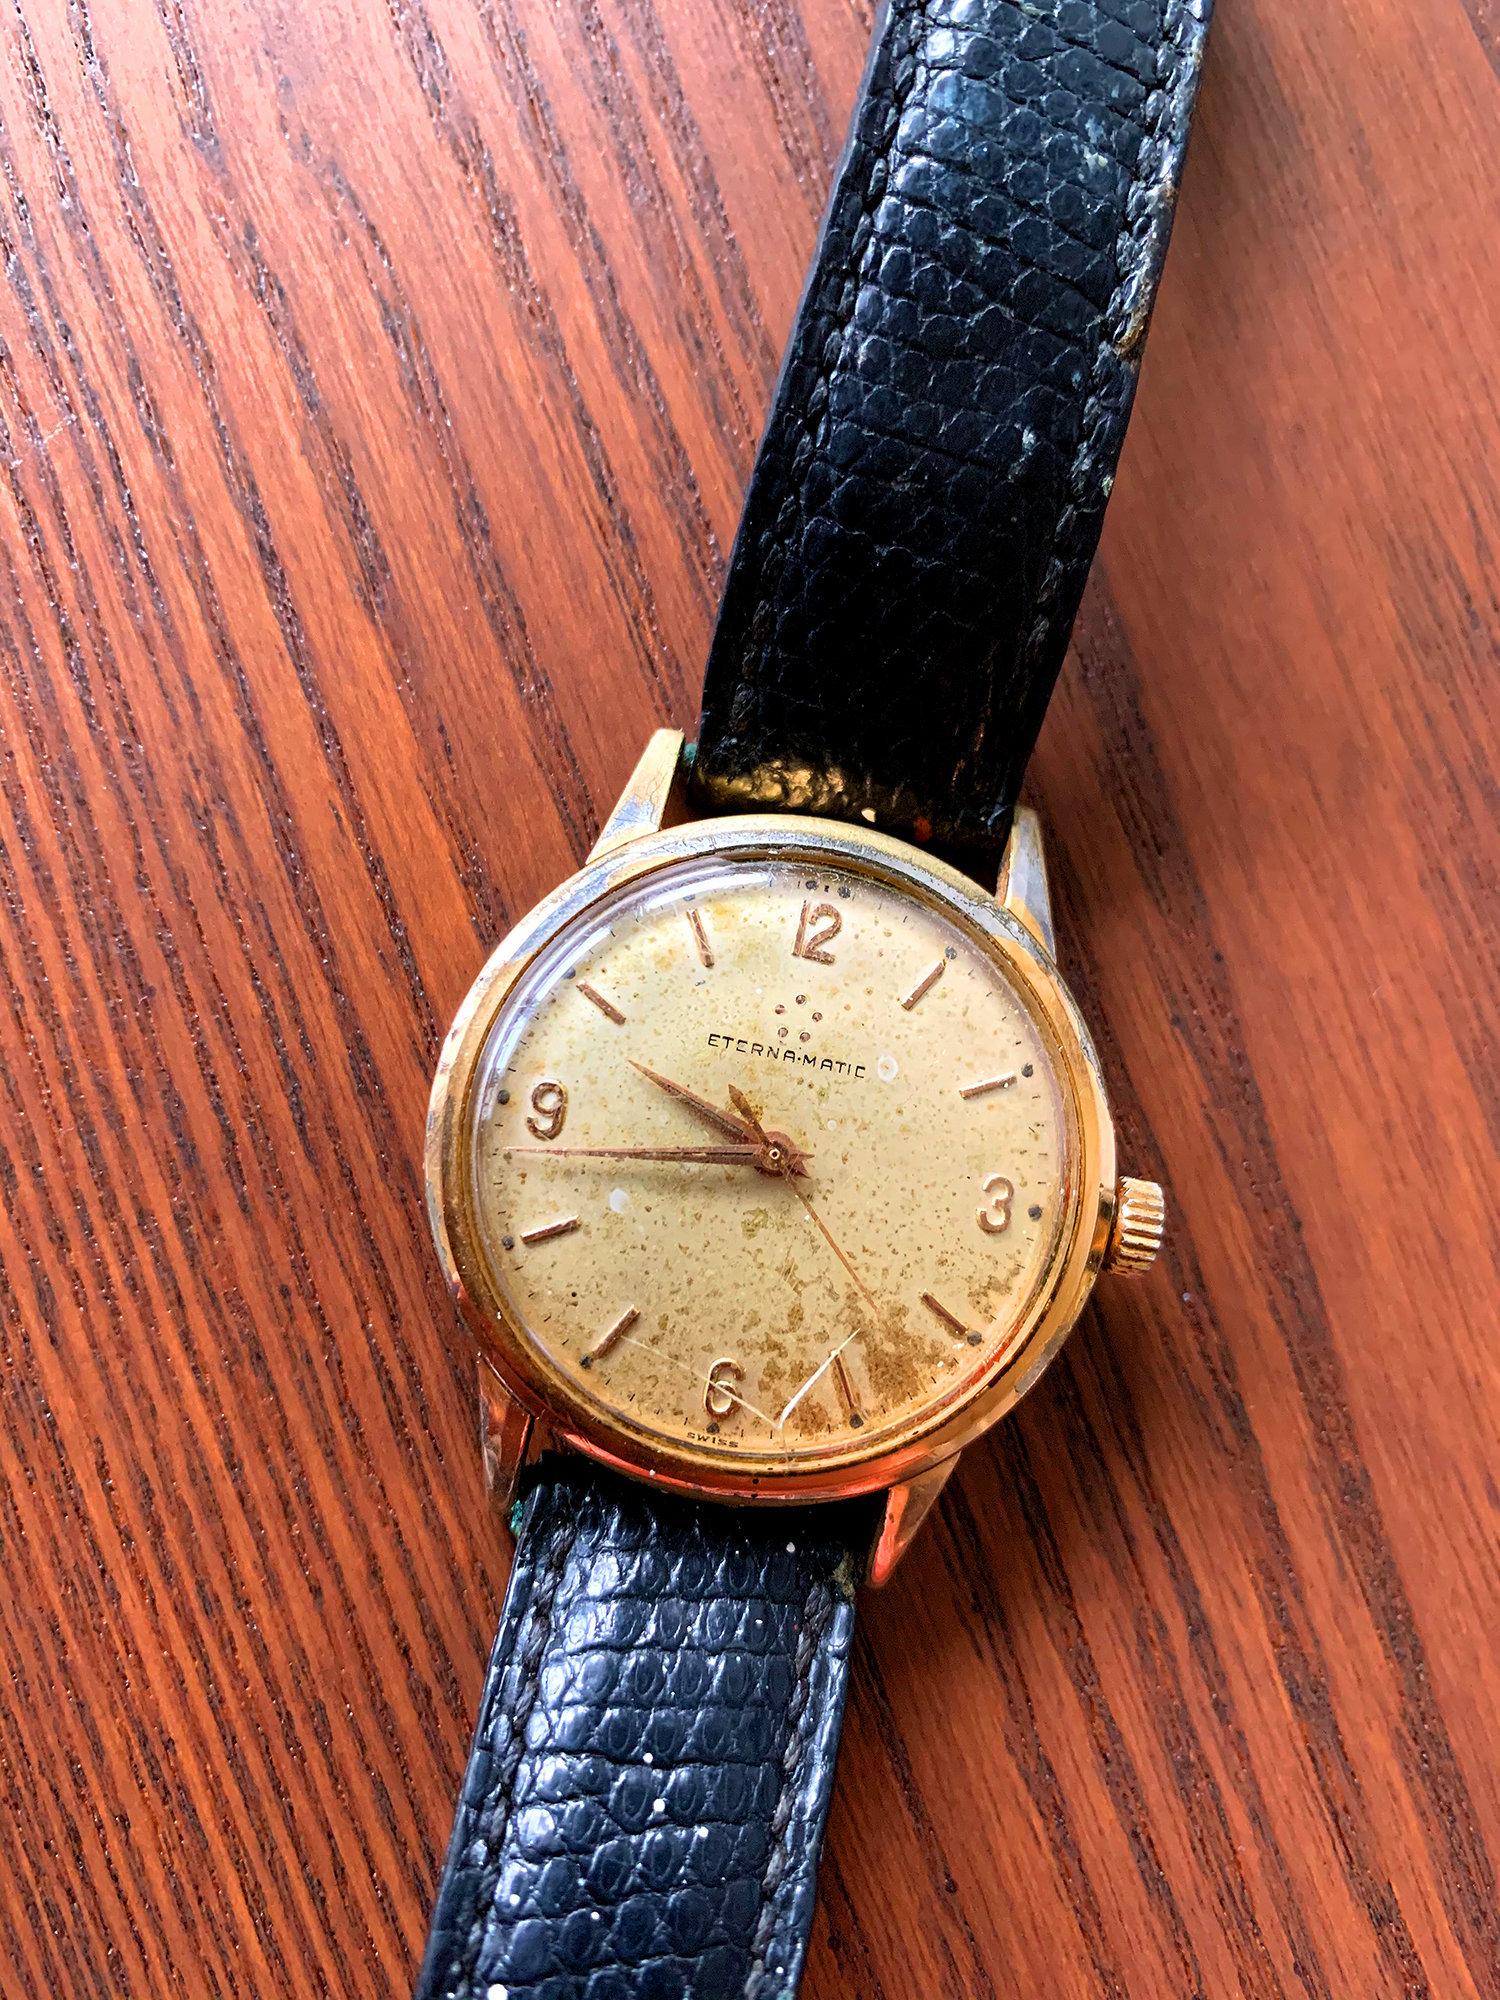 Eterna -  [Postez ICI les demandes d'IDENTIFICATION et RENSEIGNEMENTS de vos montres] - Page 35 1579962491-1